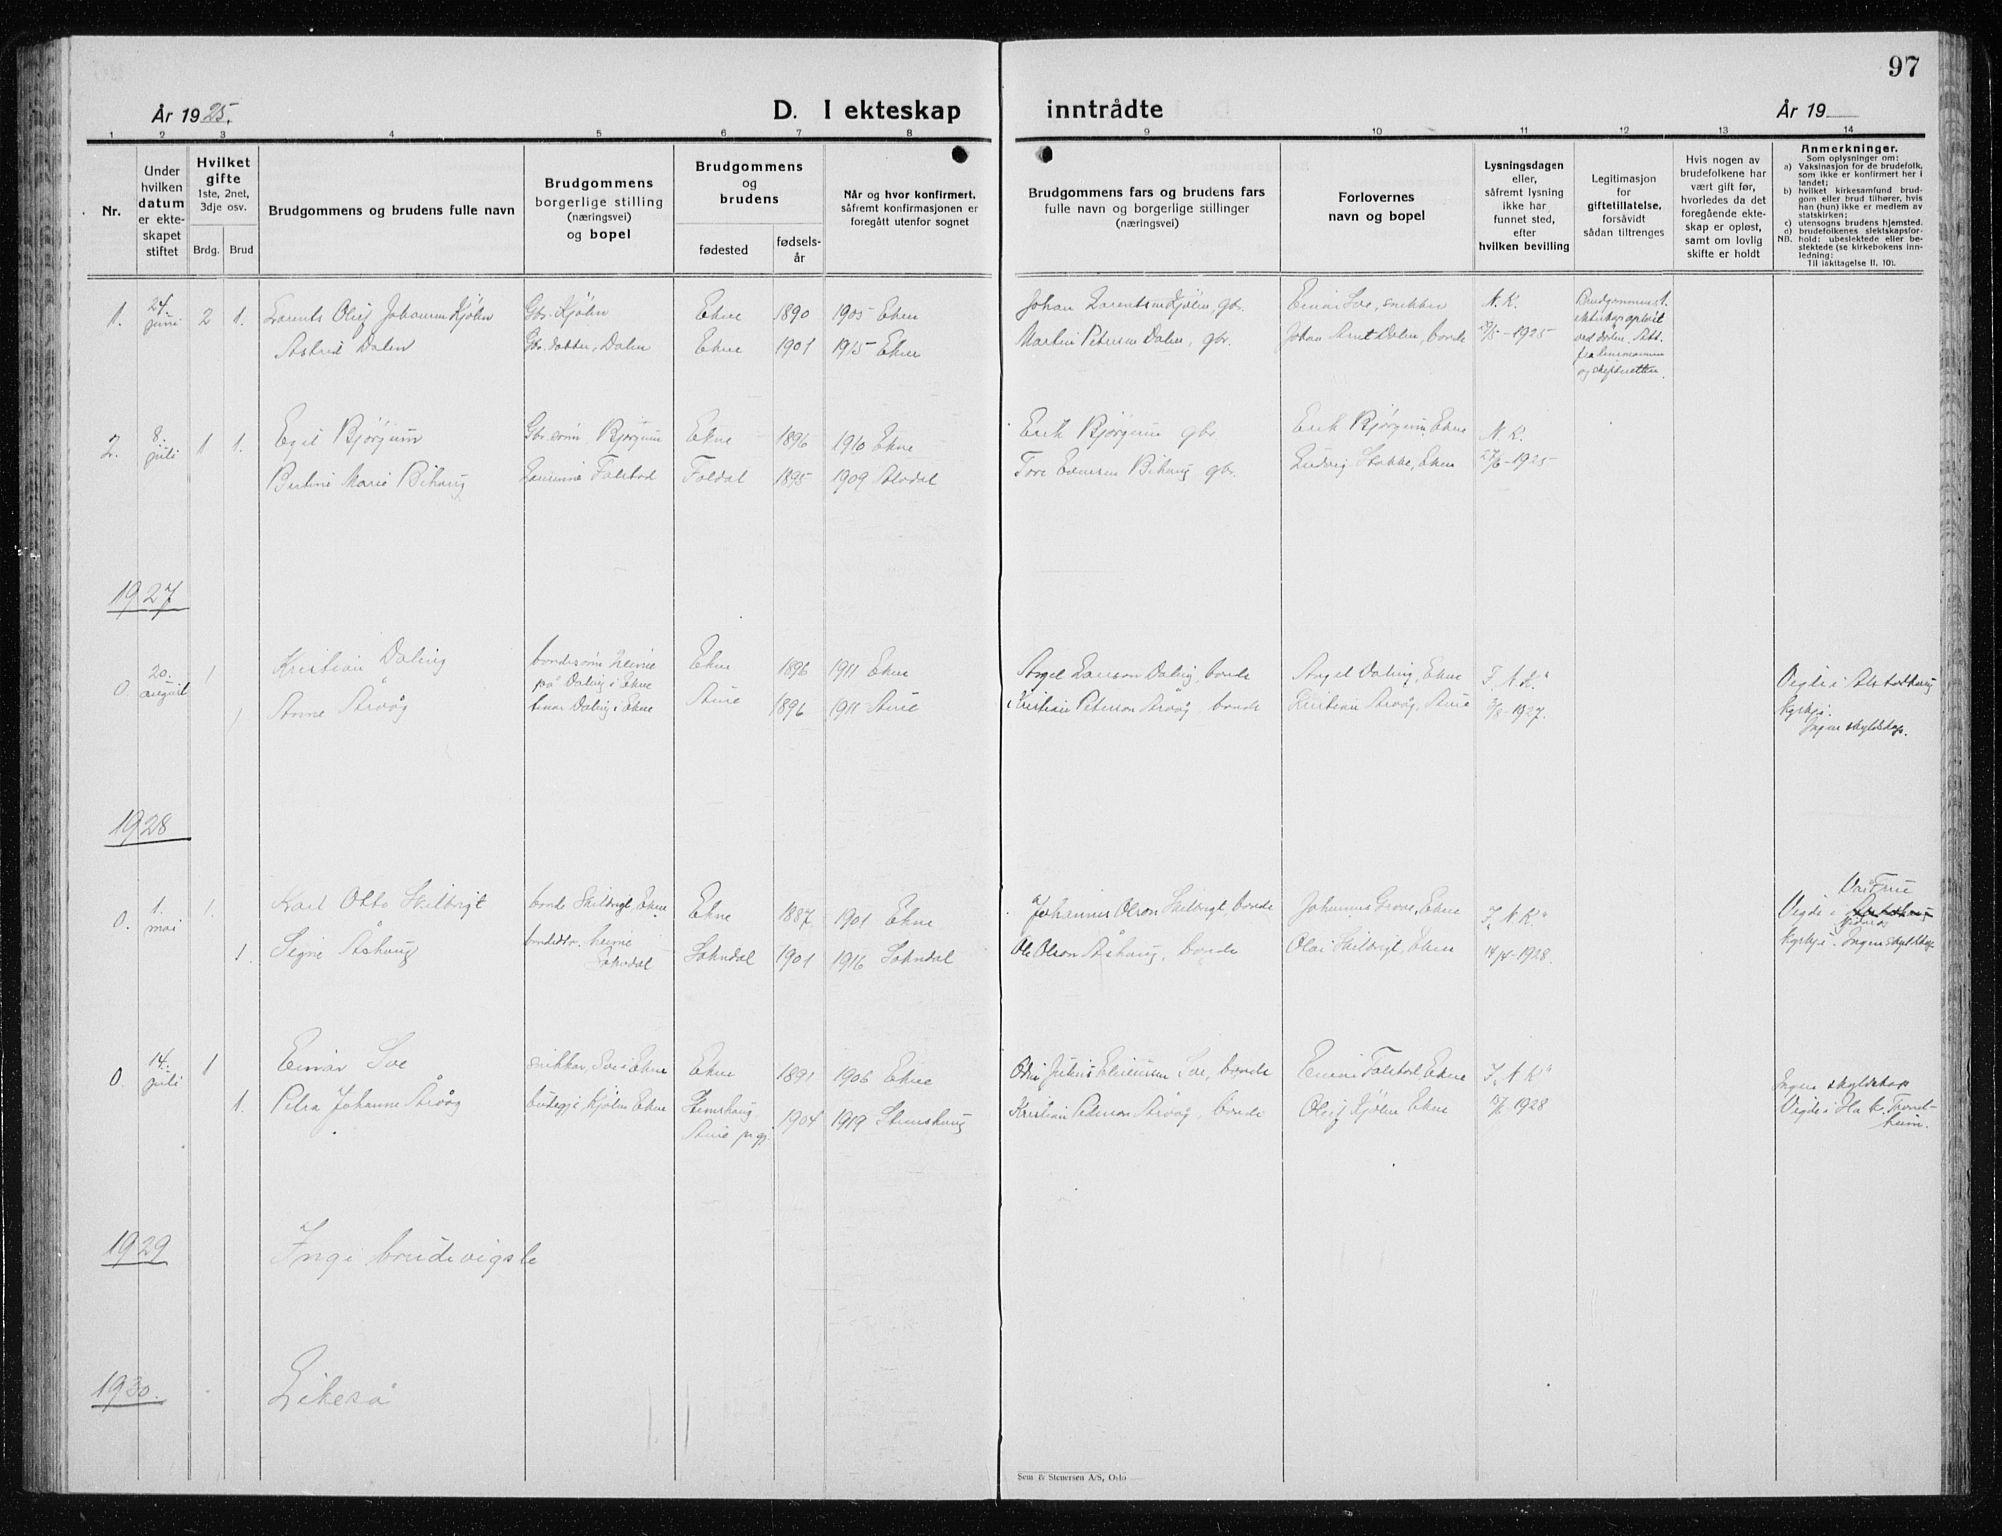 SAT, Ministerialprotokoller, klokkerbøker og fødselsregistre - Nord-Trøndelag, 719/L0180: Klokkerbok nr. 719C01, 1878-1940, s. 97